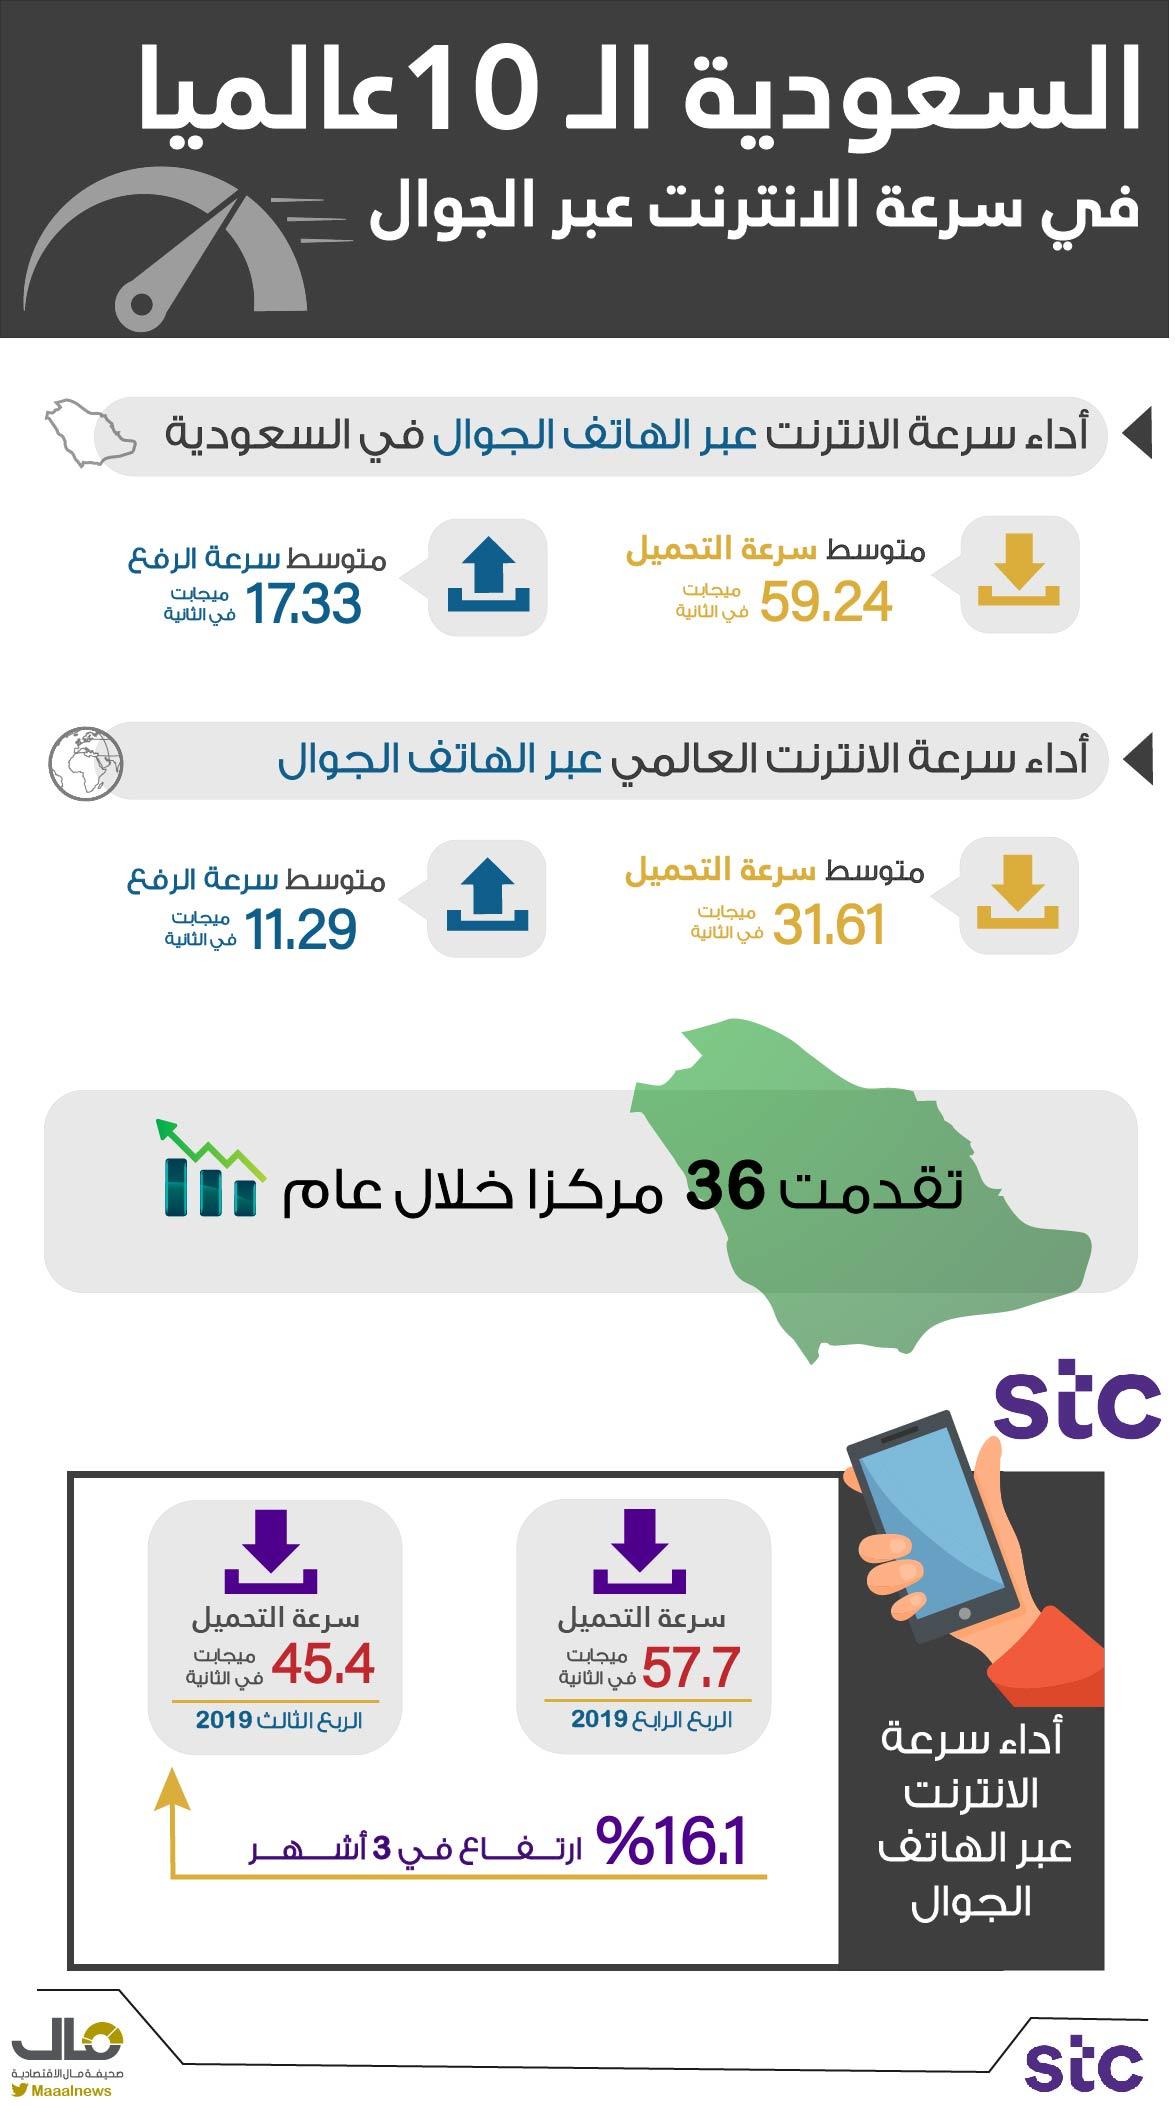 السعودية الـ10 عالميا في سرعة الانترنت